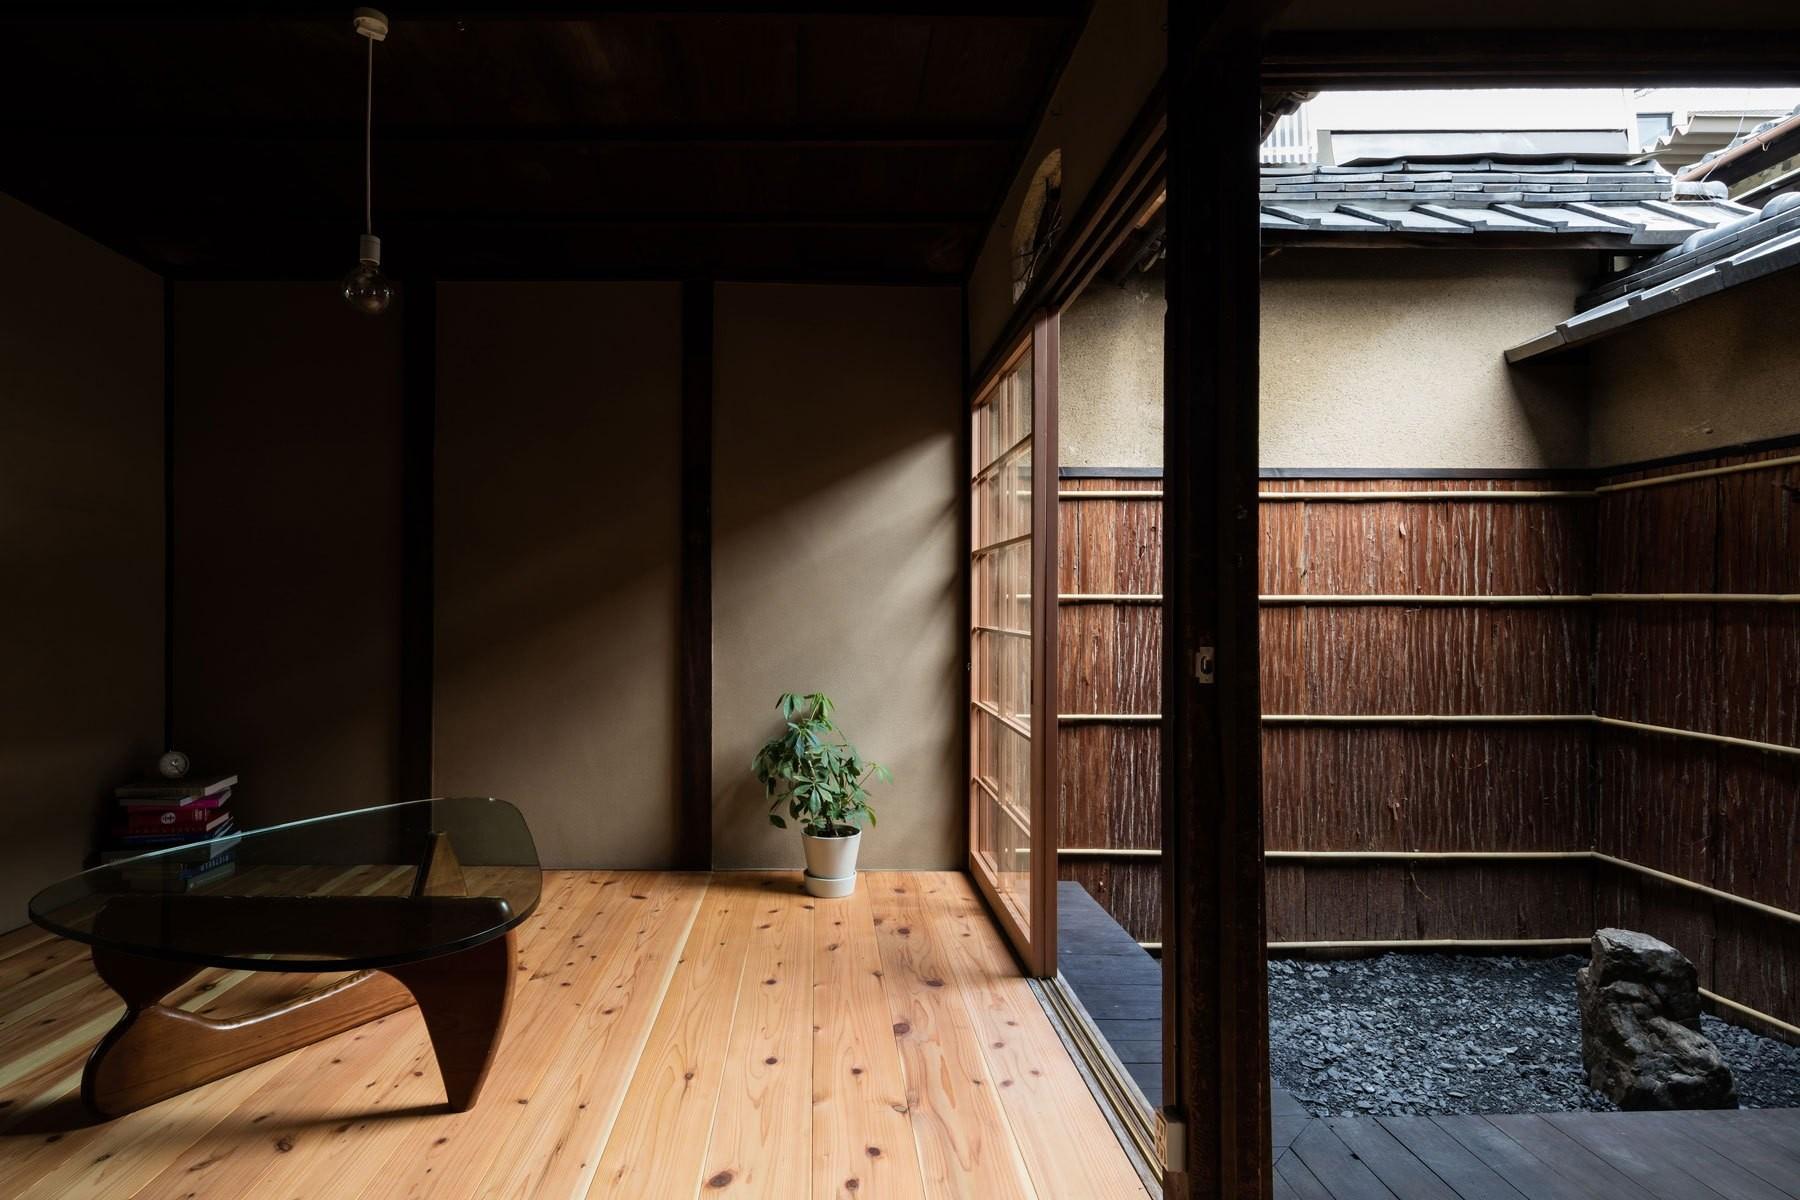 リビングダイニング事例:居間(昭和小路の長屋 賃貸向け京町家のシンプルリノベーション【京都市】)